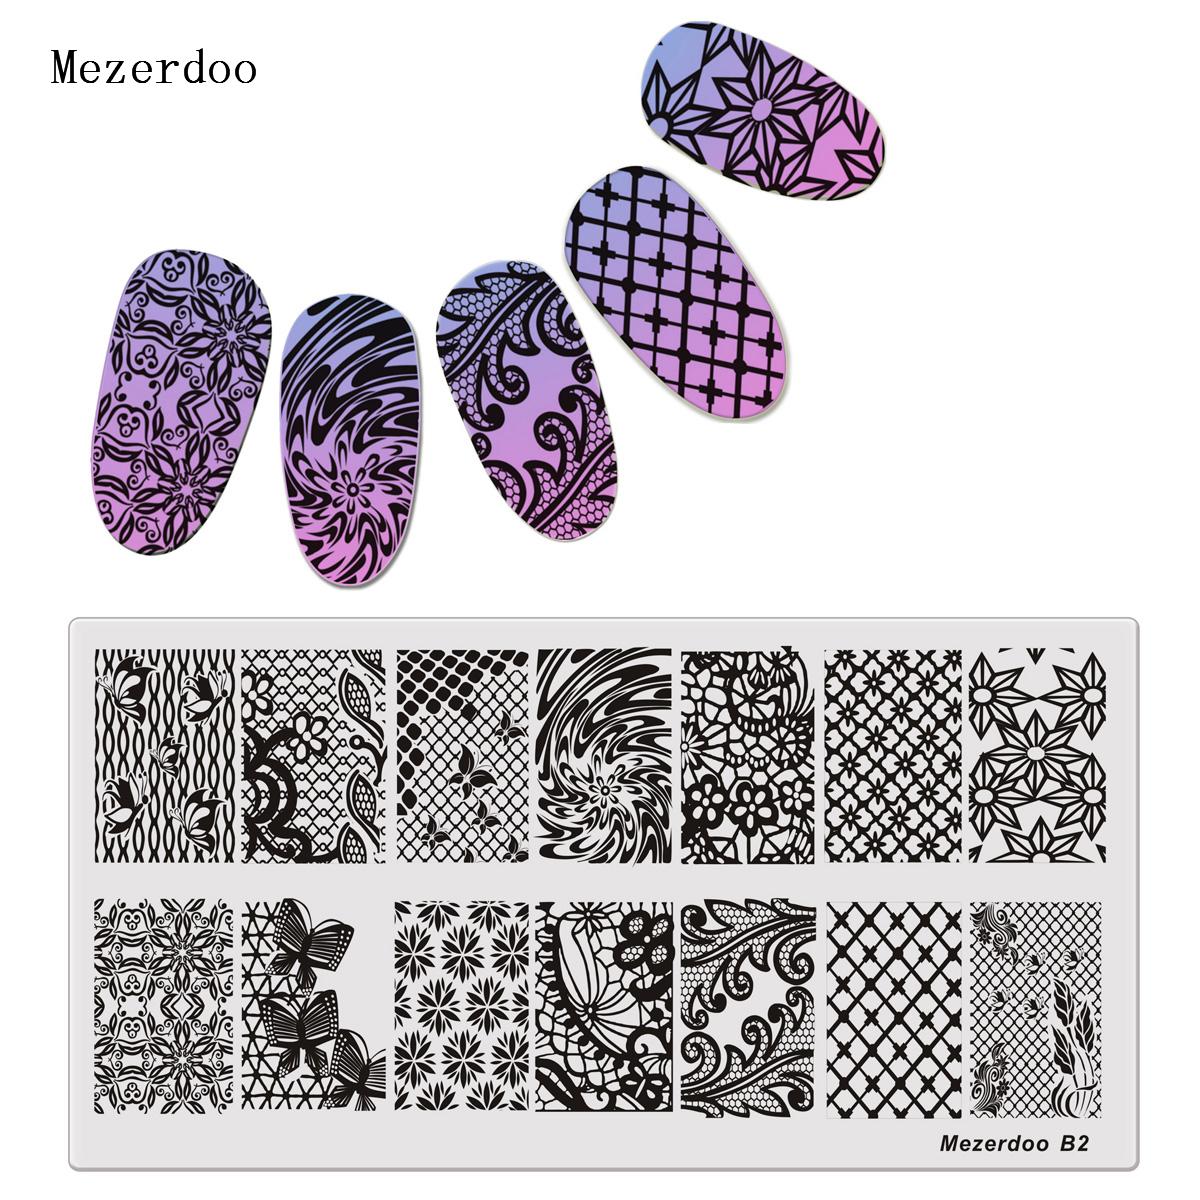 штамп для ногтей цветы лист шаблон для ногтей штамповка бабочка изображение штамповка печать nail art templates diy manicure stamp tools 12 6cm